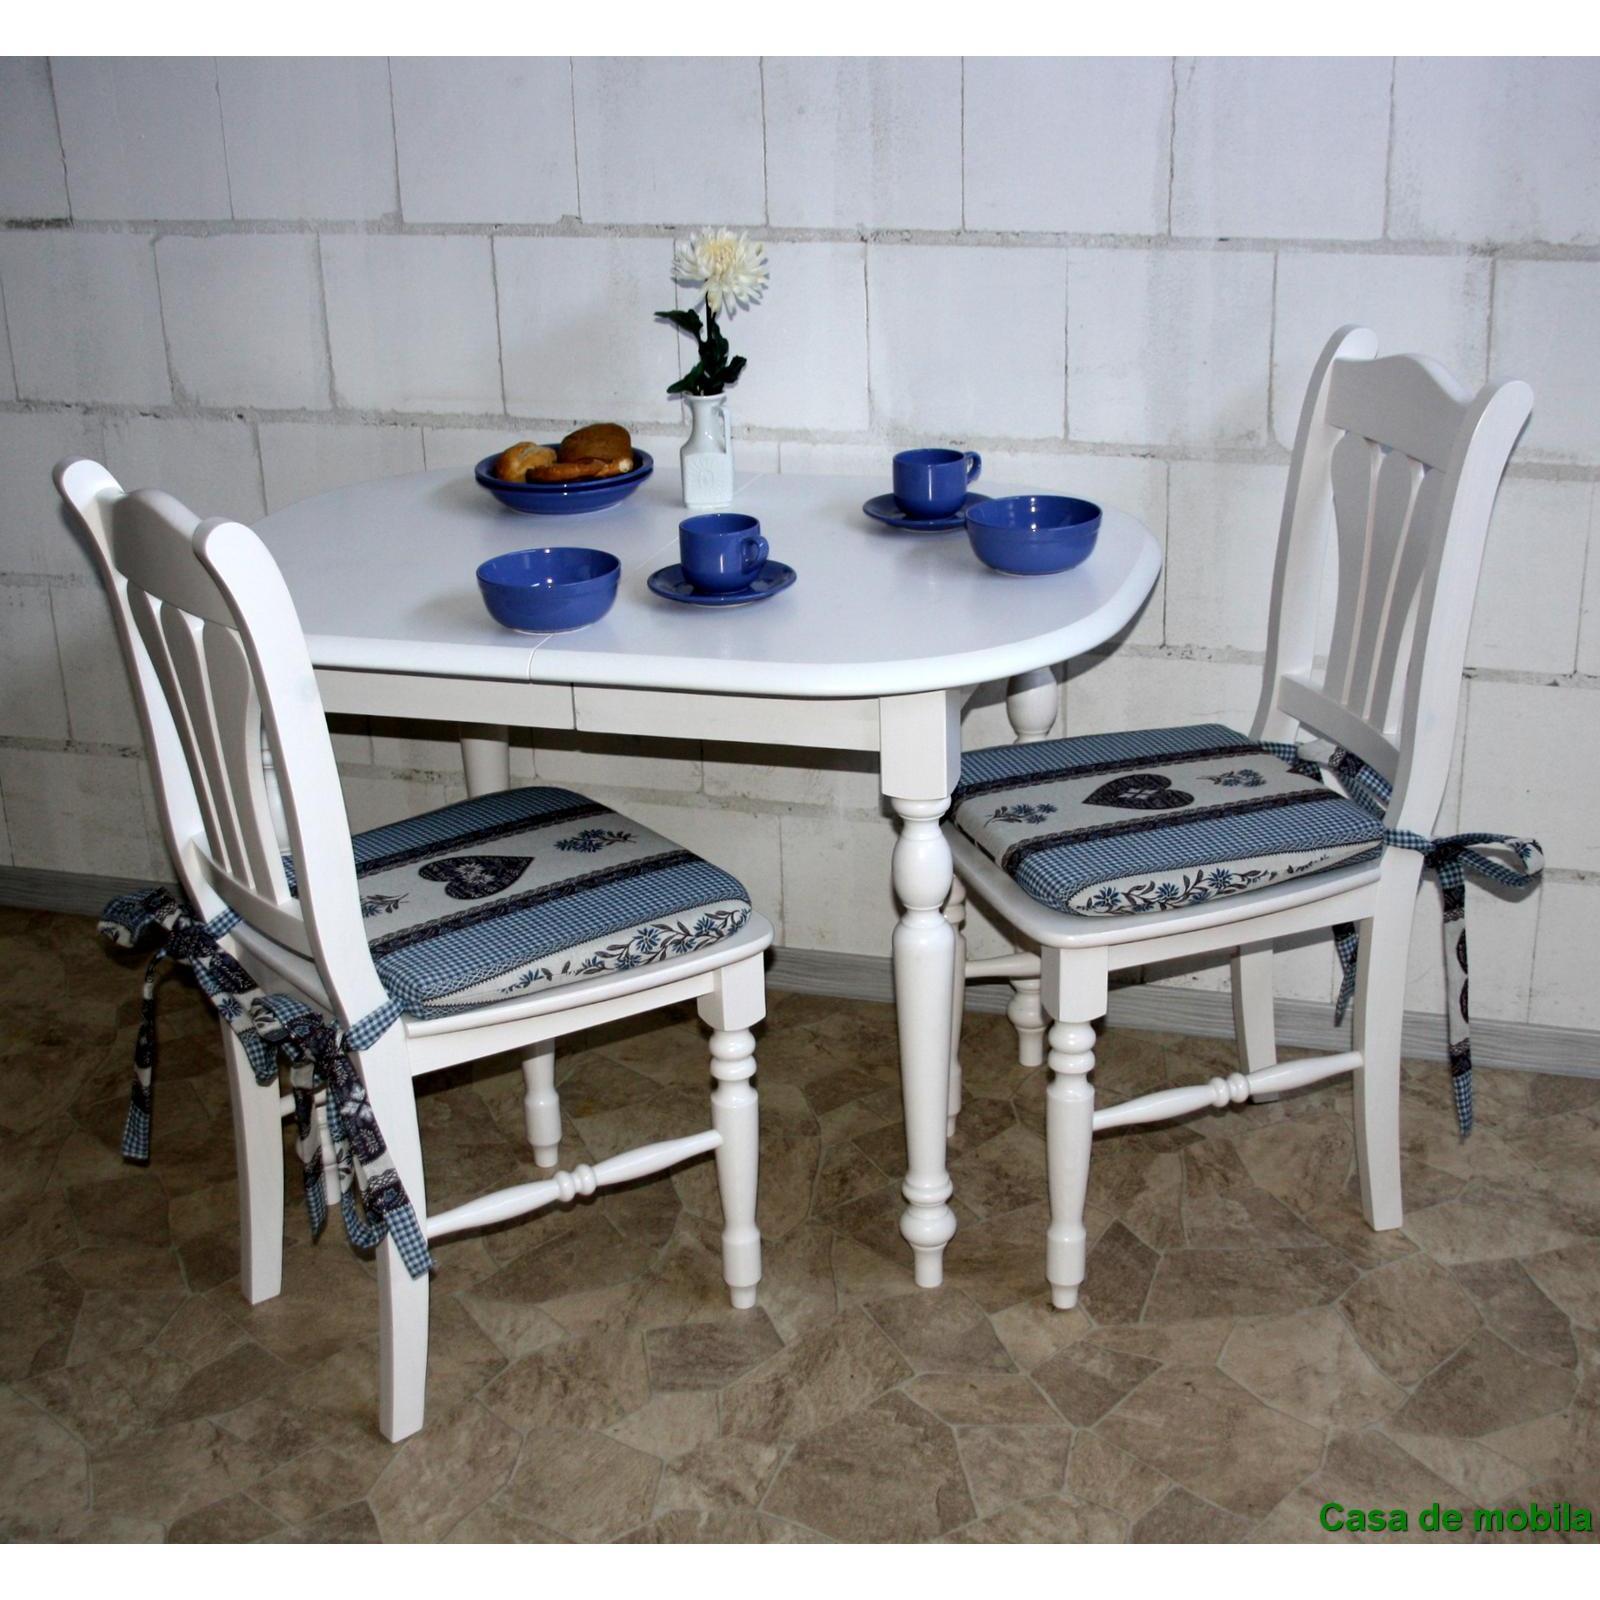 massivholz sitzgruppe massiv wei lasiert landhaus tisch mit 2 st hlen. Black Bedroom Furniture Sets. Home Design Ideas